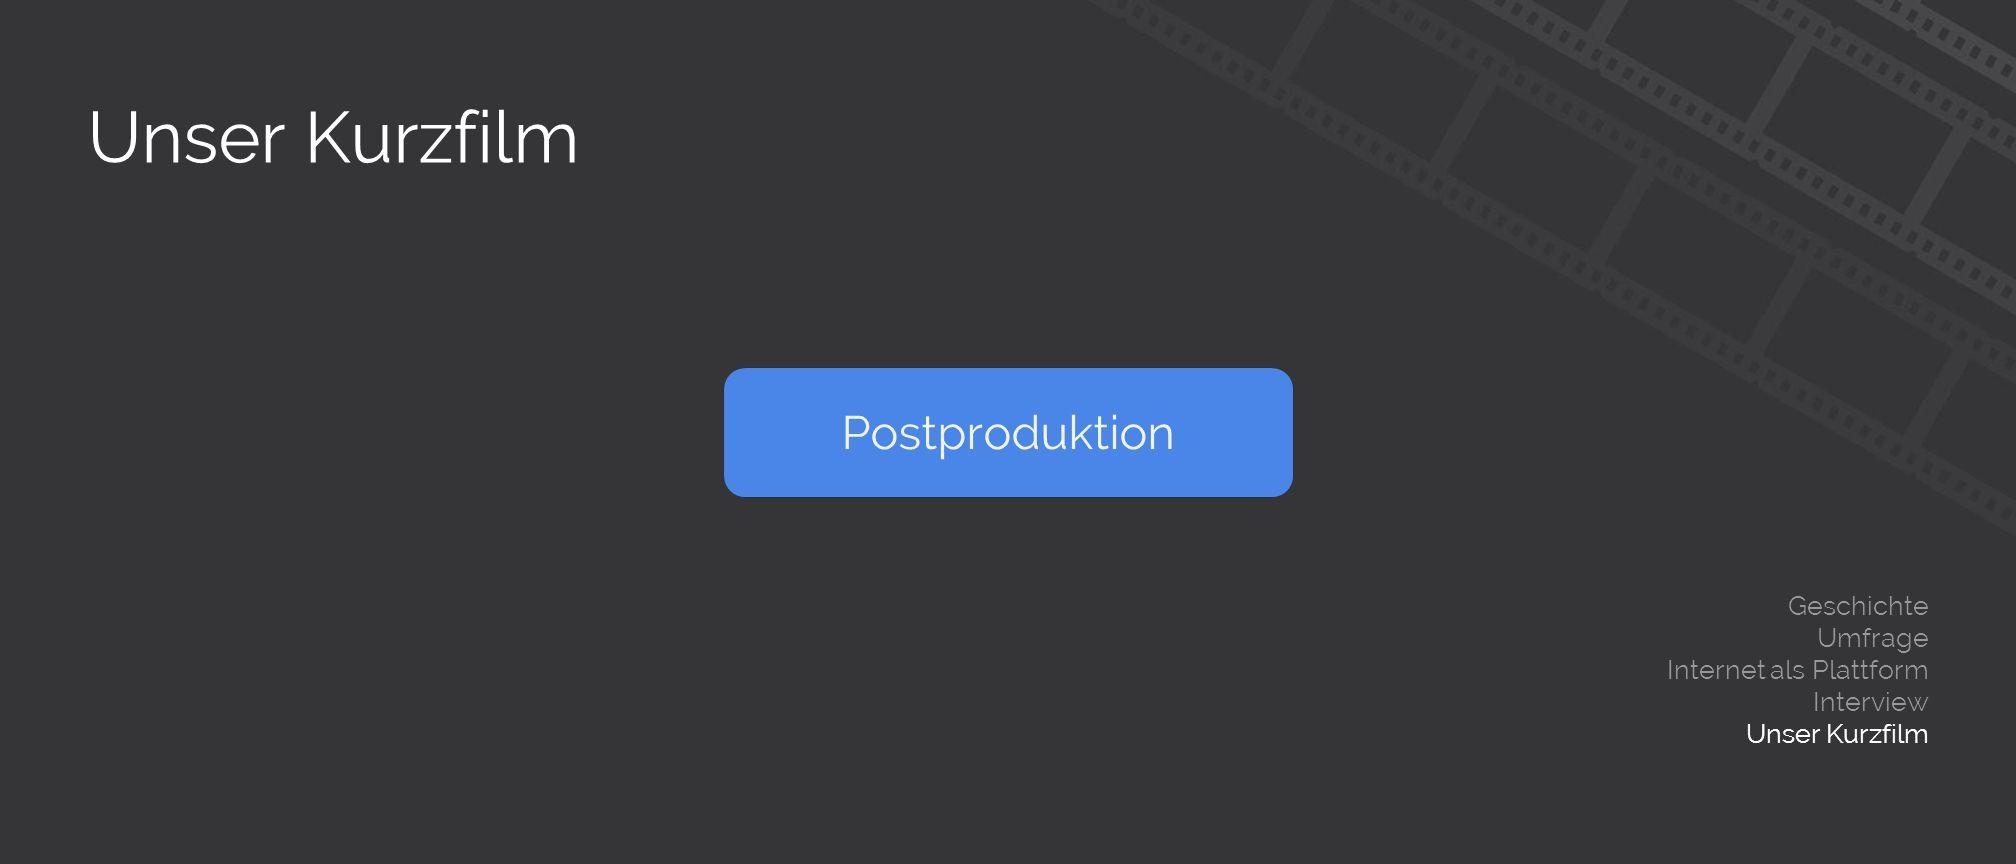 Unser Kurzfilm Geschichte Umfrage Internet als Plattform Interview Unser Kurzfilm Postproduktion